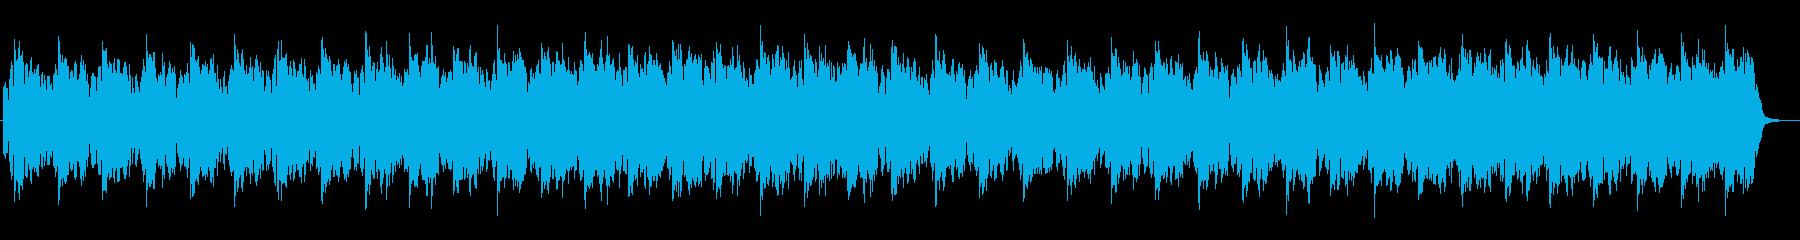 幻想的で神秘的な世界観のある楽曲の再生済みの波形